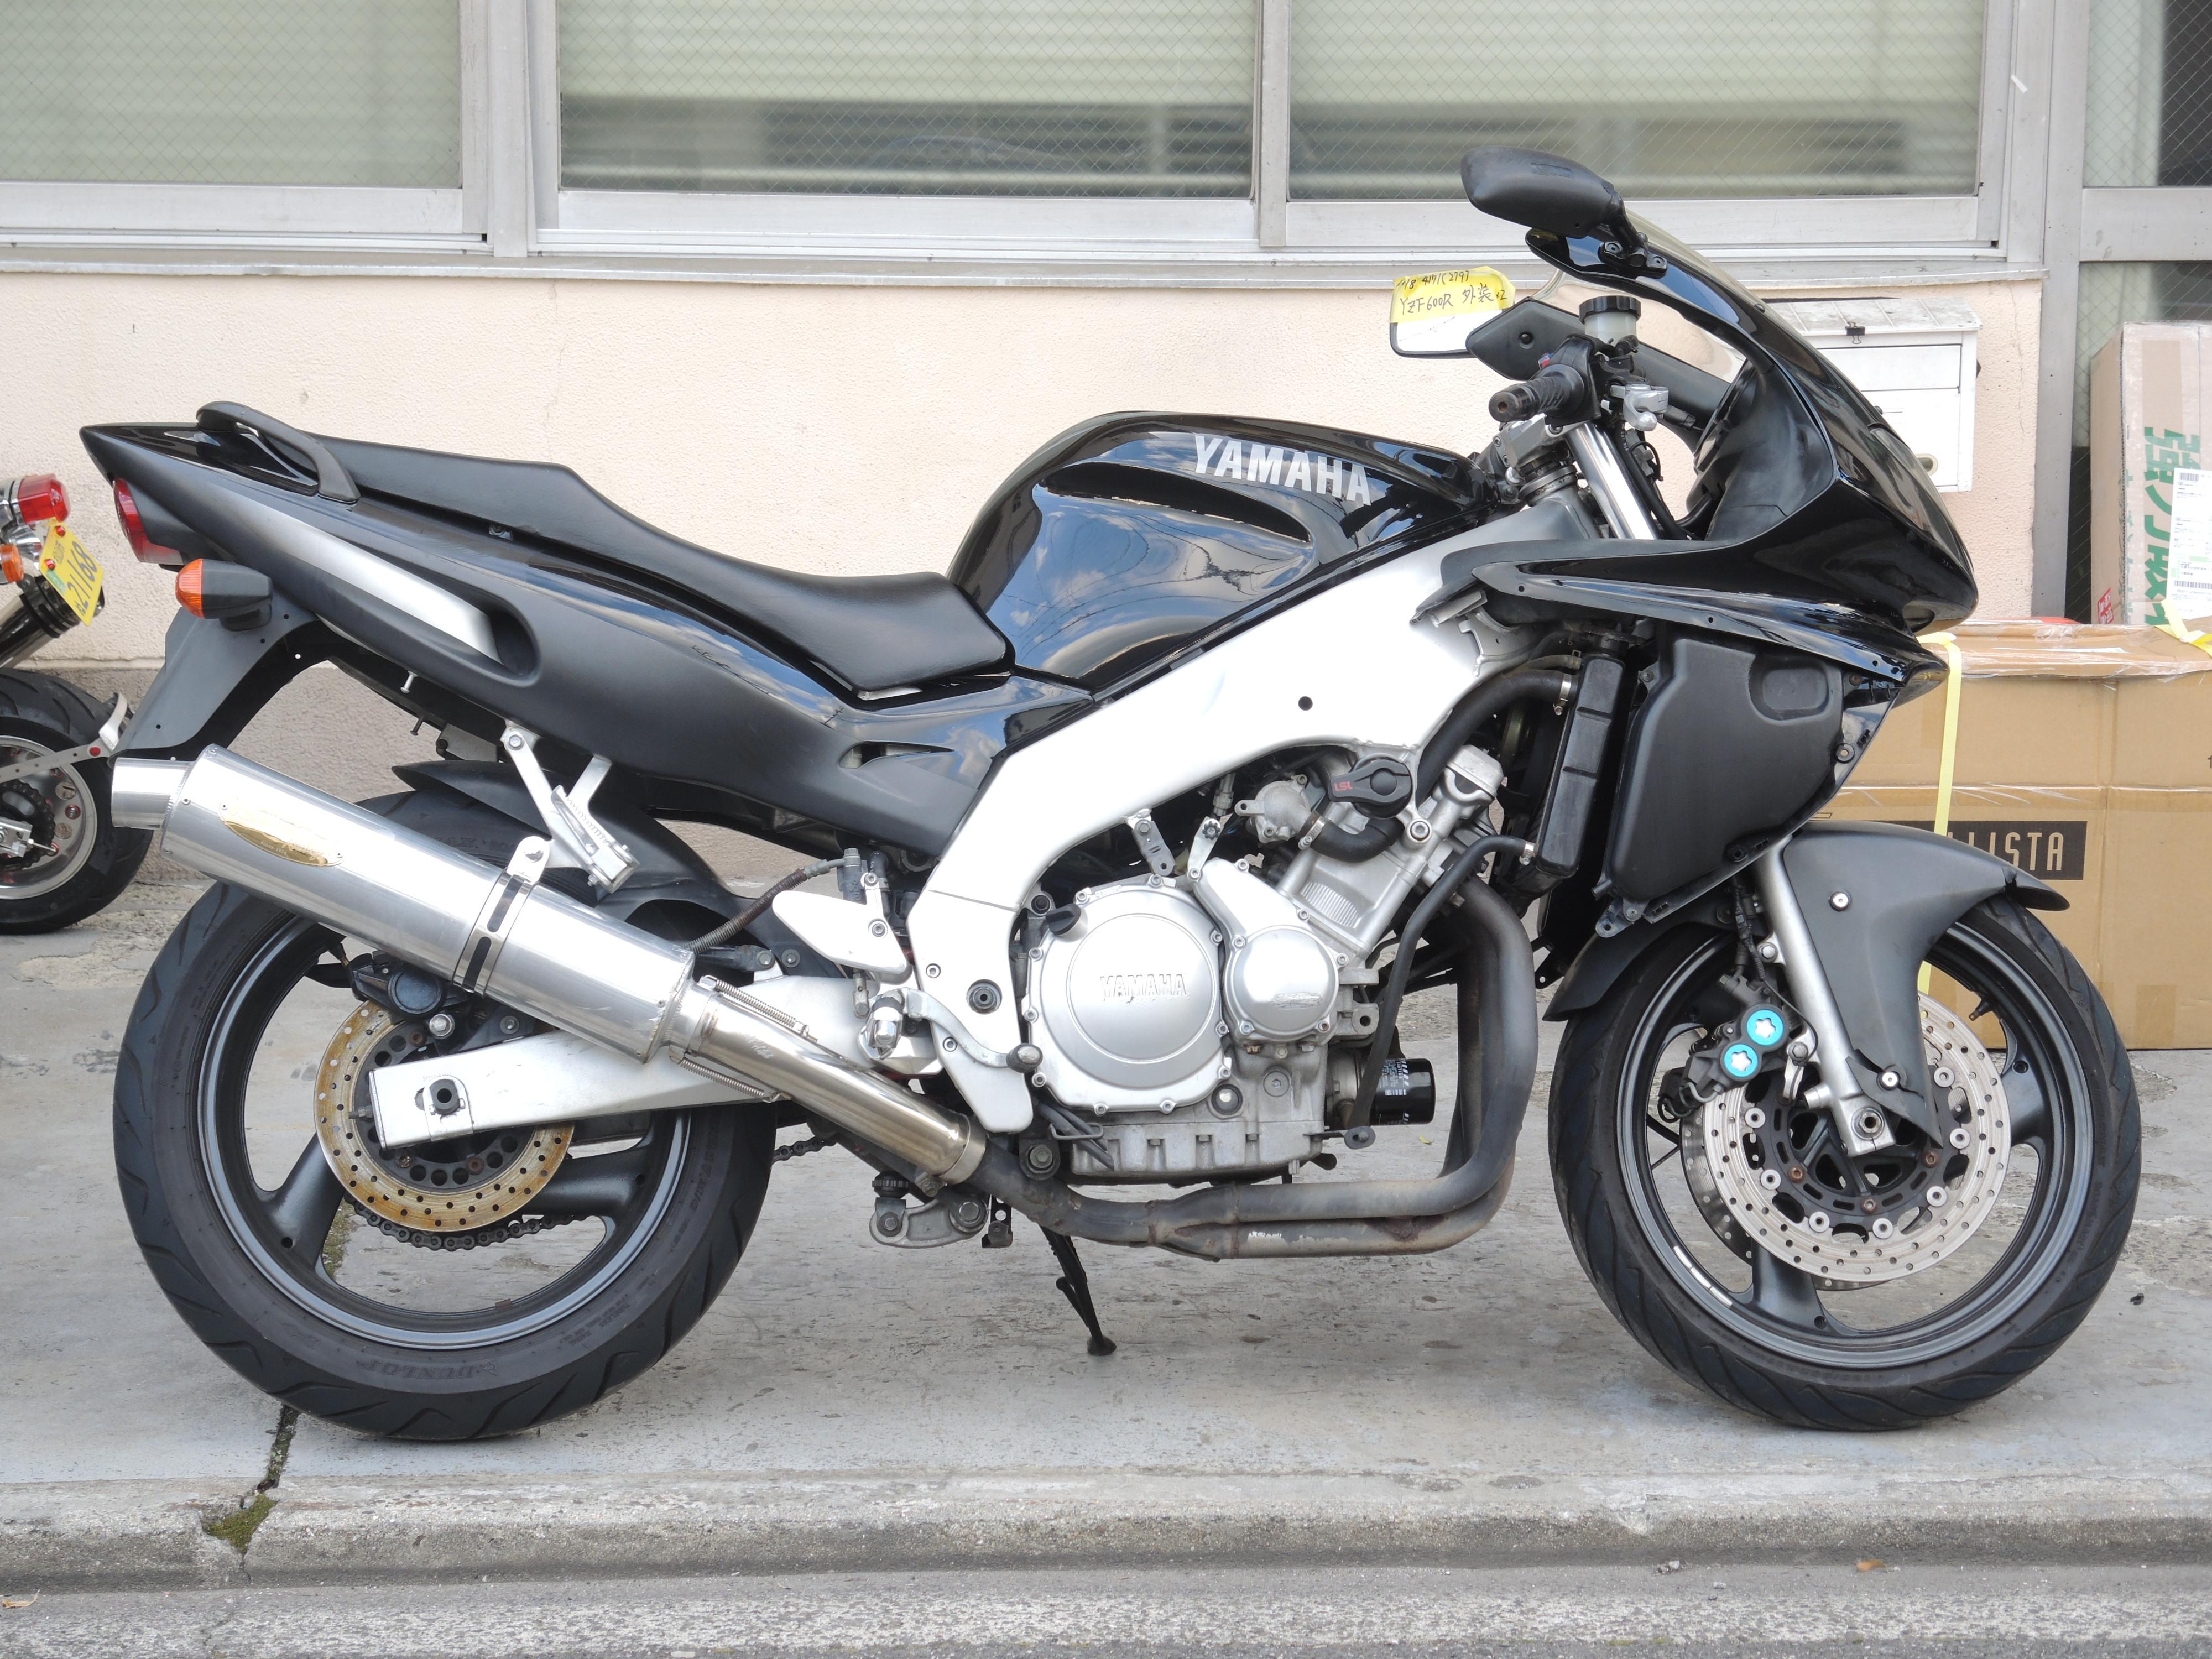 YZF600R